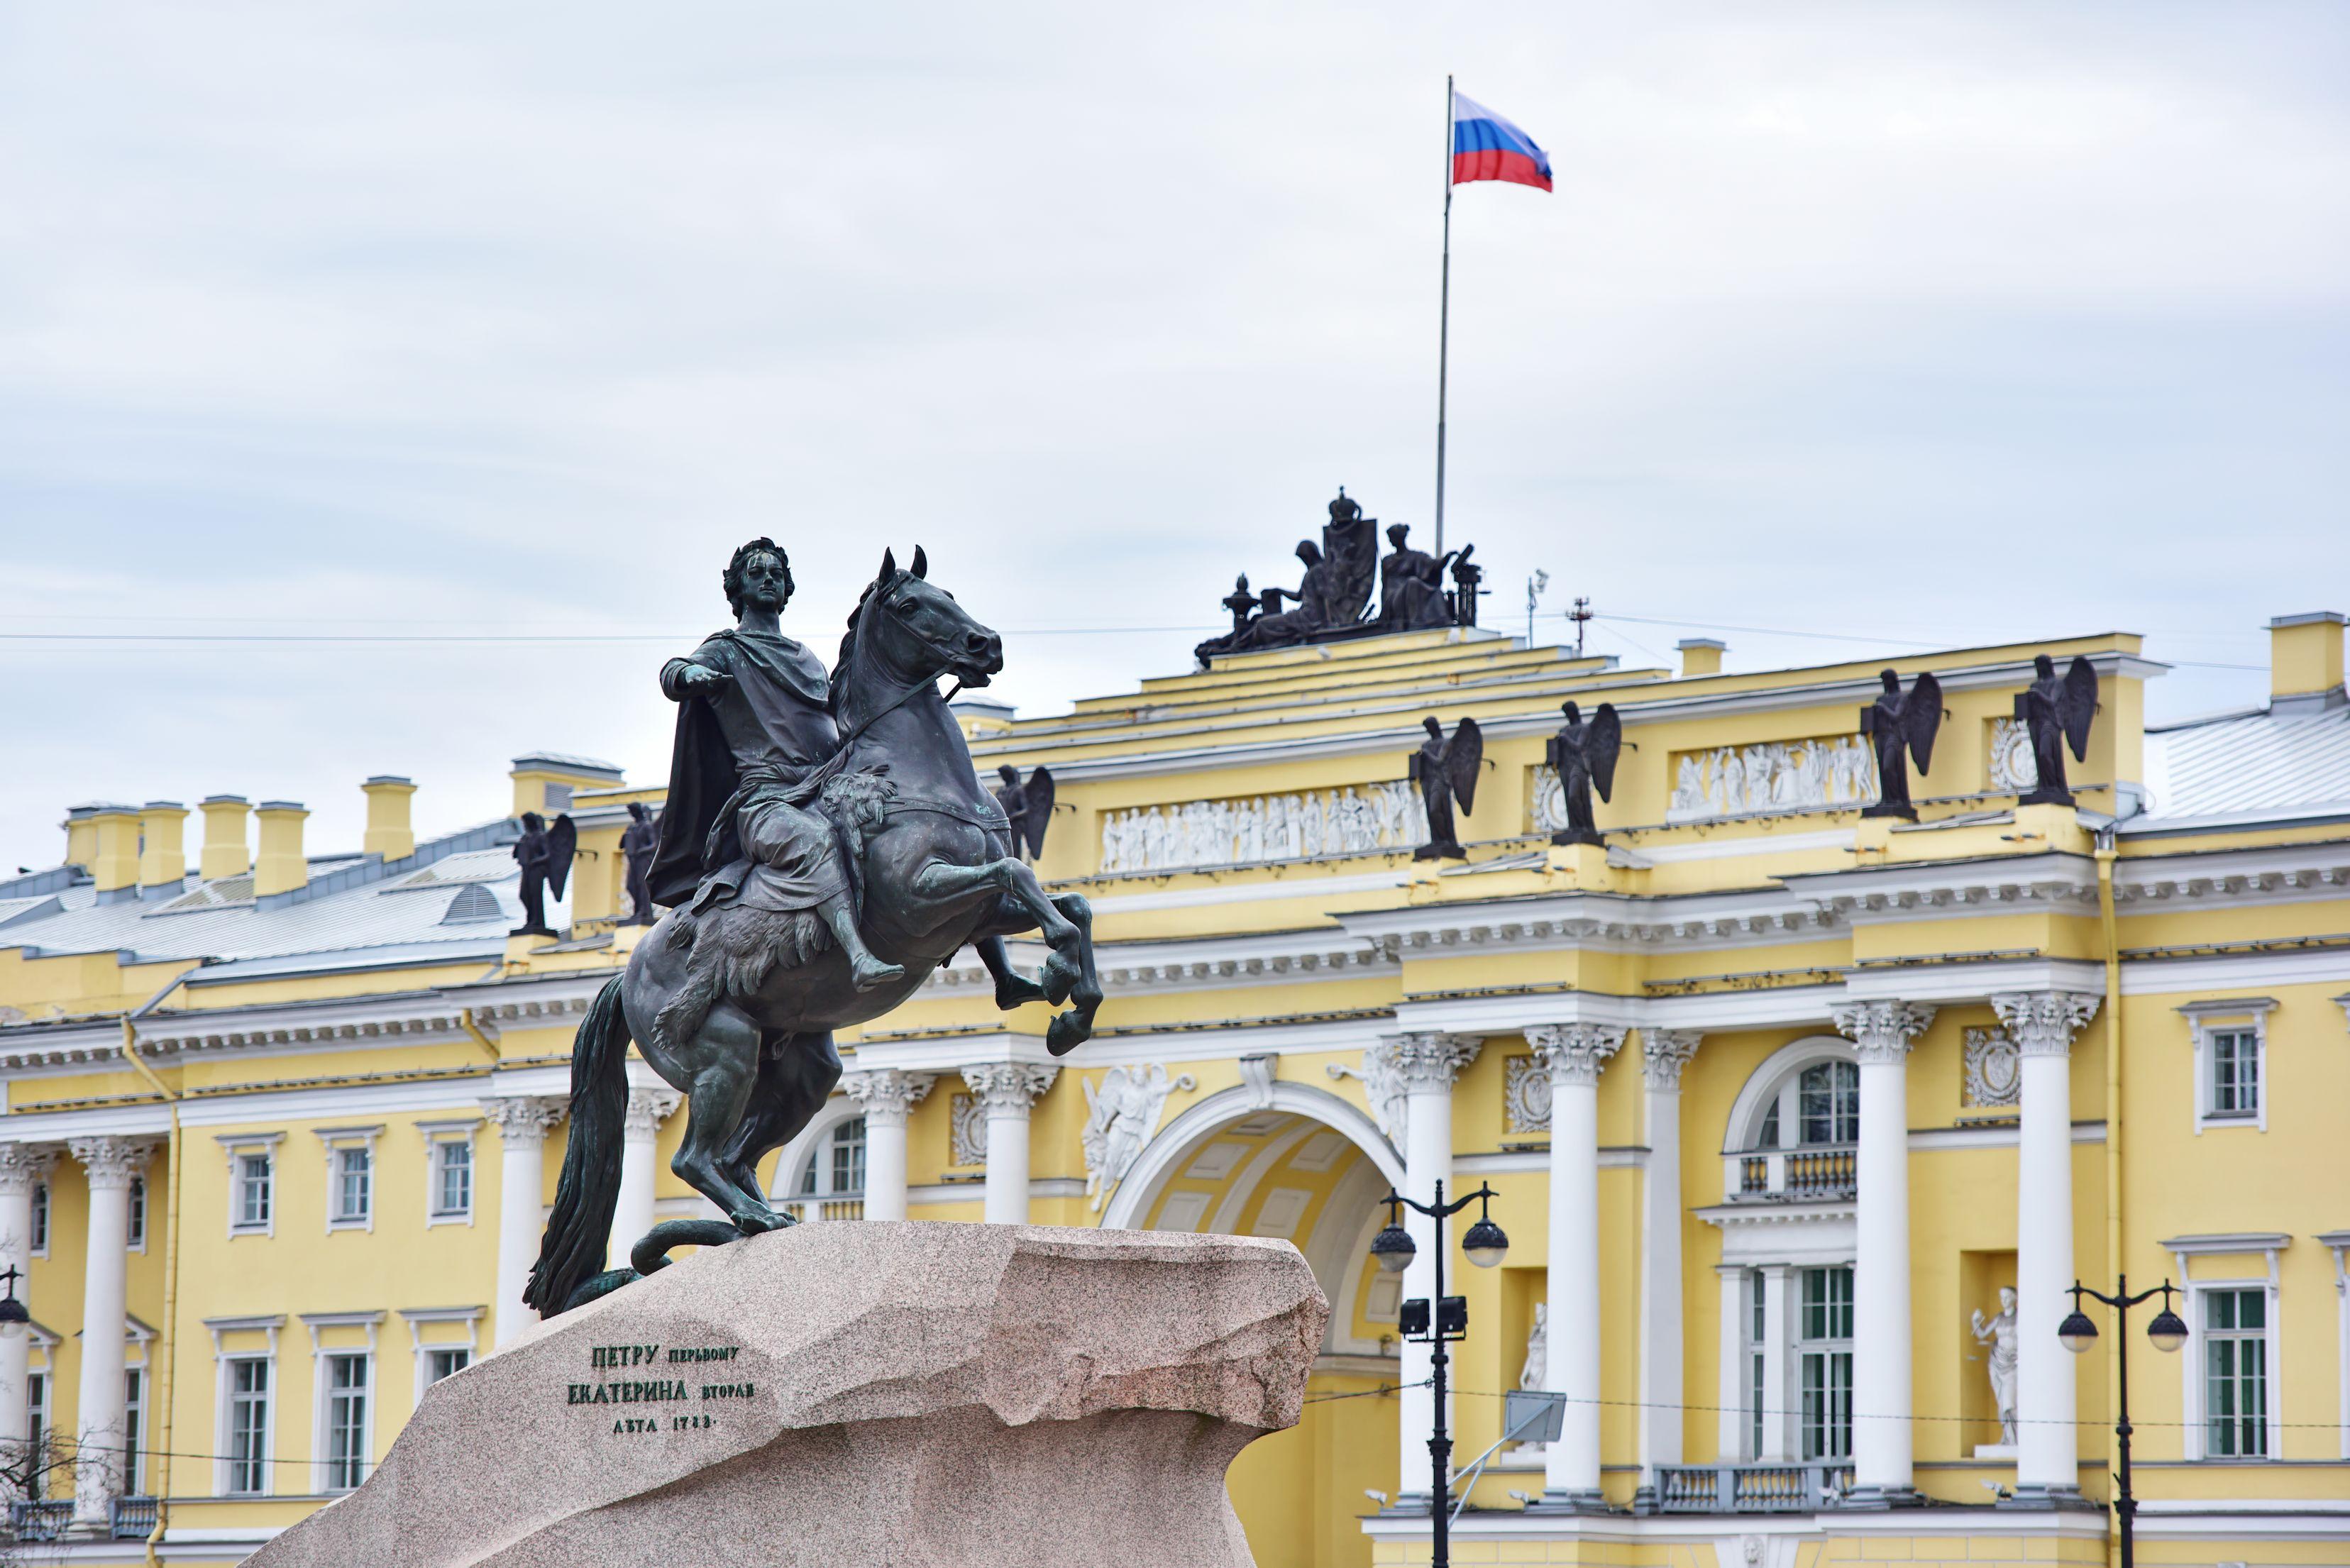 """Санкт Петербург е известен още като """"Венеция на Севера"""" заради дворцово подредените си водни пътища. Той успява да избегне нахлуването на сталинисткия архитектурен стил, а грандиозните останки от царските времена си стоят непокътнати. Изваян от островчета и от криволичещата река Нева, градът е перспектива с геометрична елегантност."""